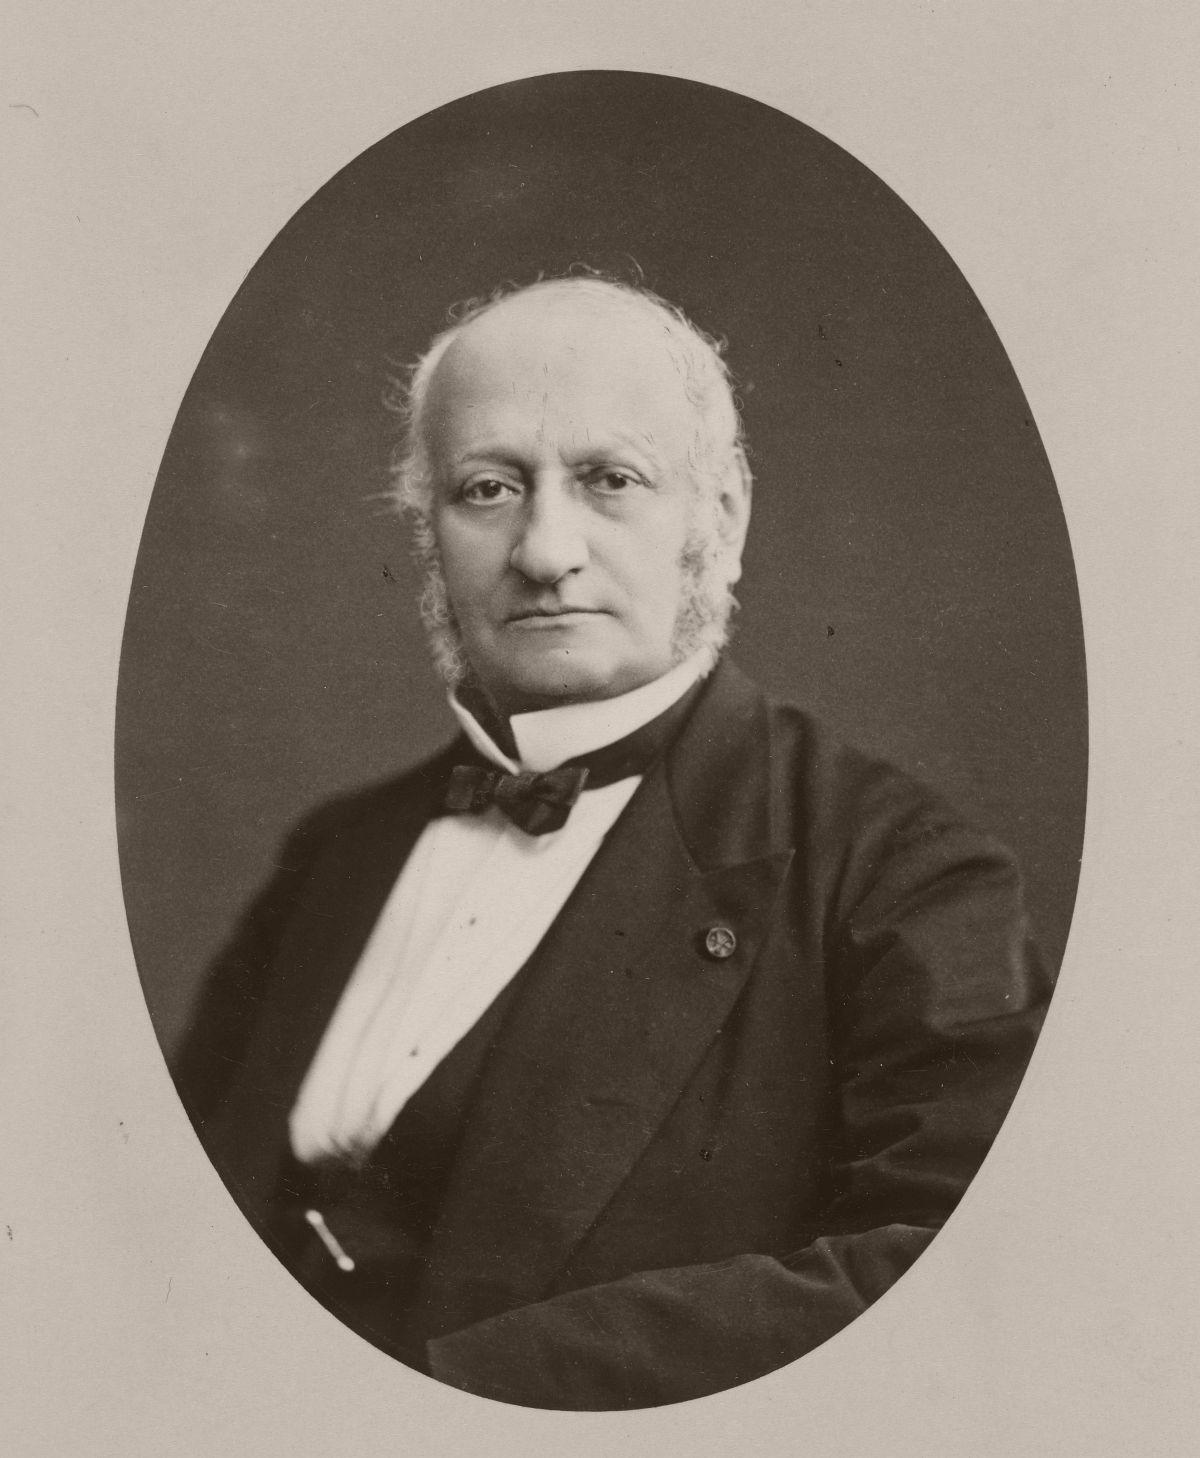 Ludwik Wołowski